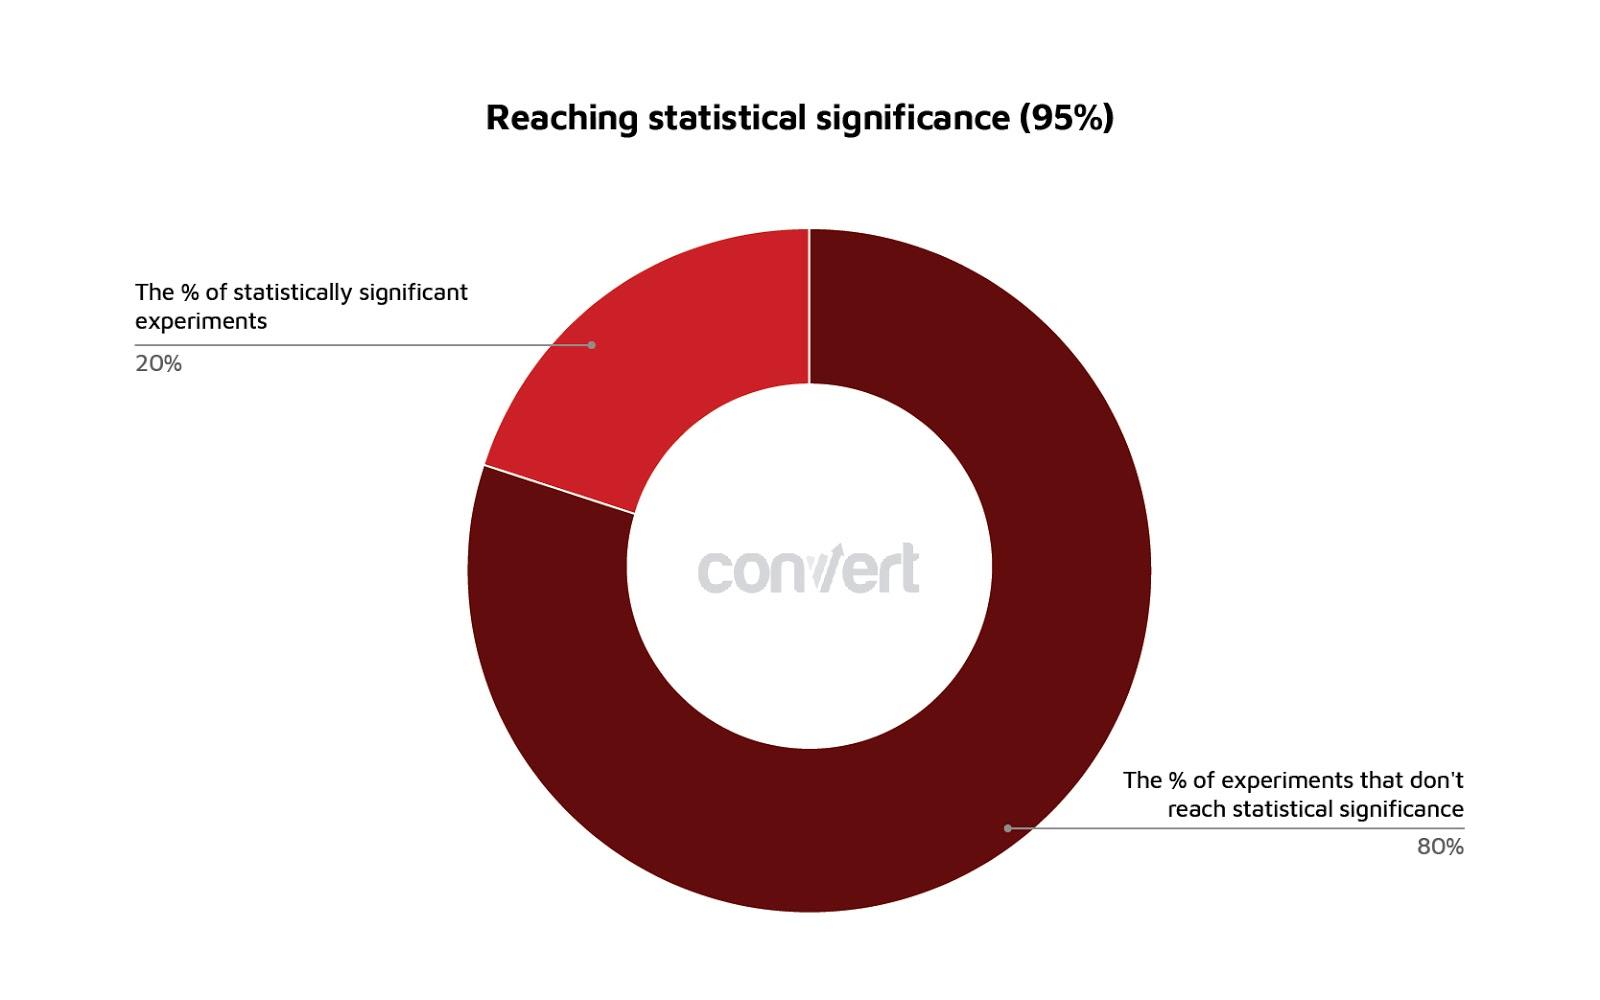 grafico che mostra la percentuale di esperimenti che raggiungono la significatività statistica.